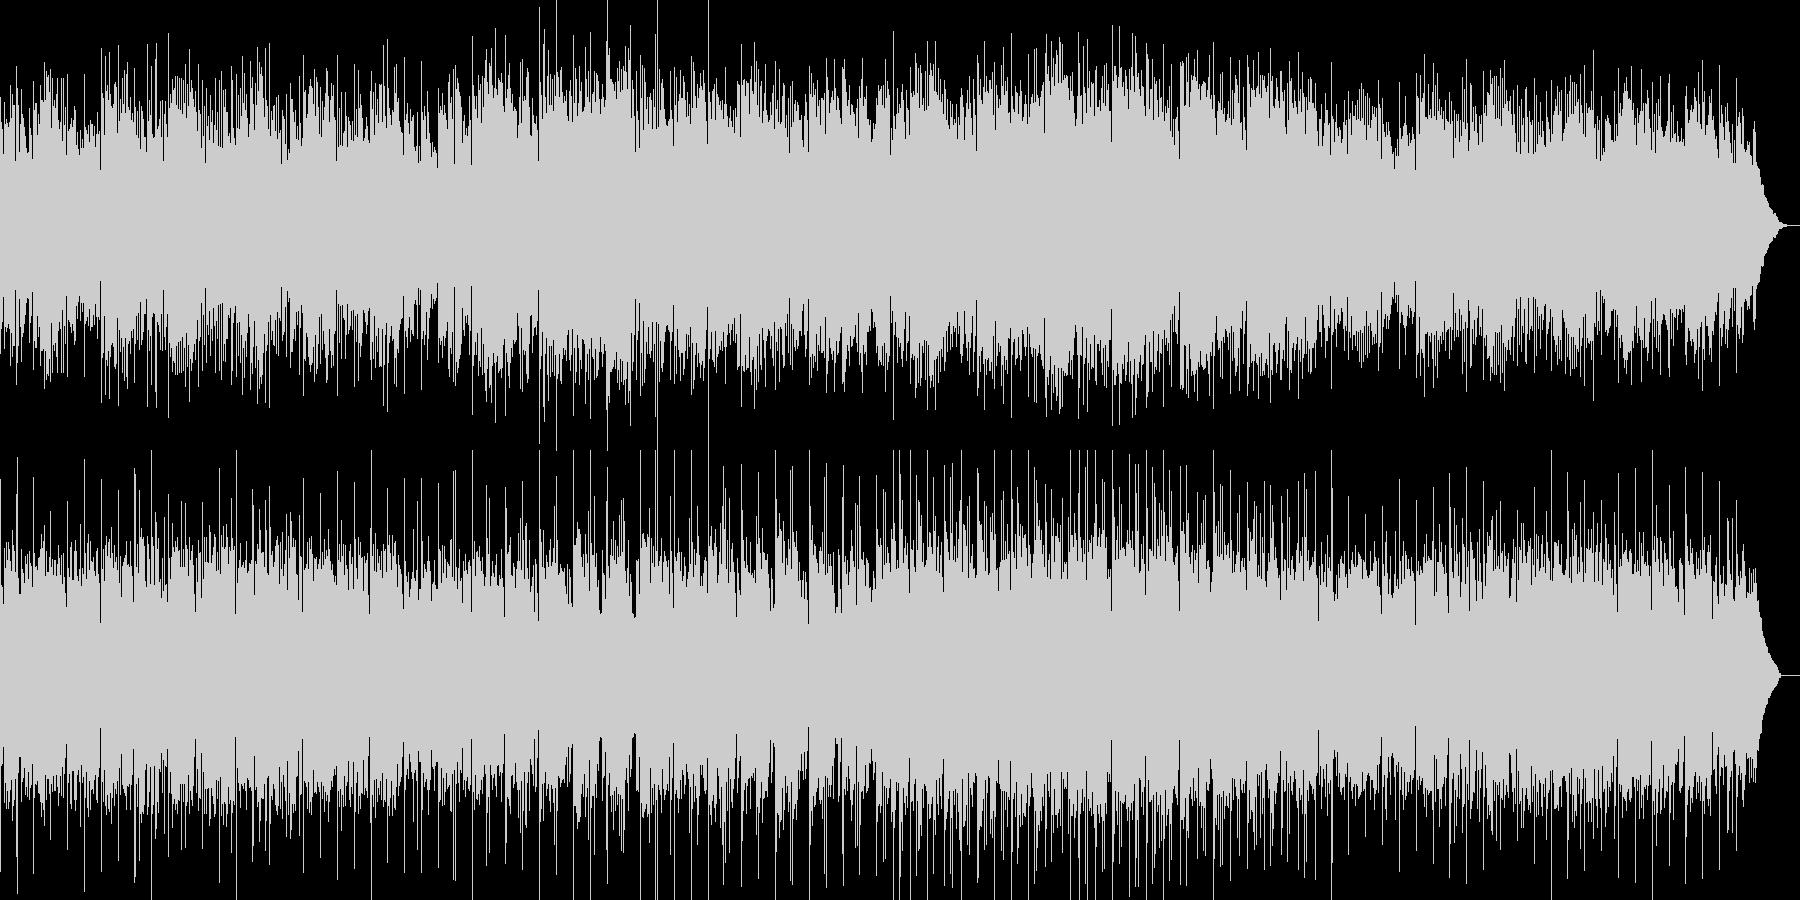 川の流れをイメージしたヒーリング音楽の未再生の波形